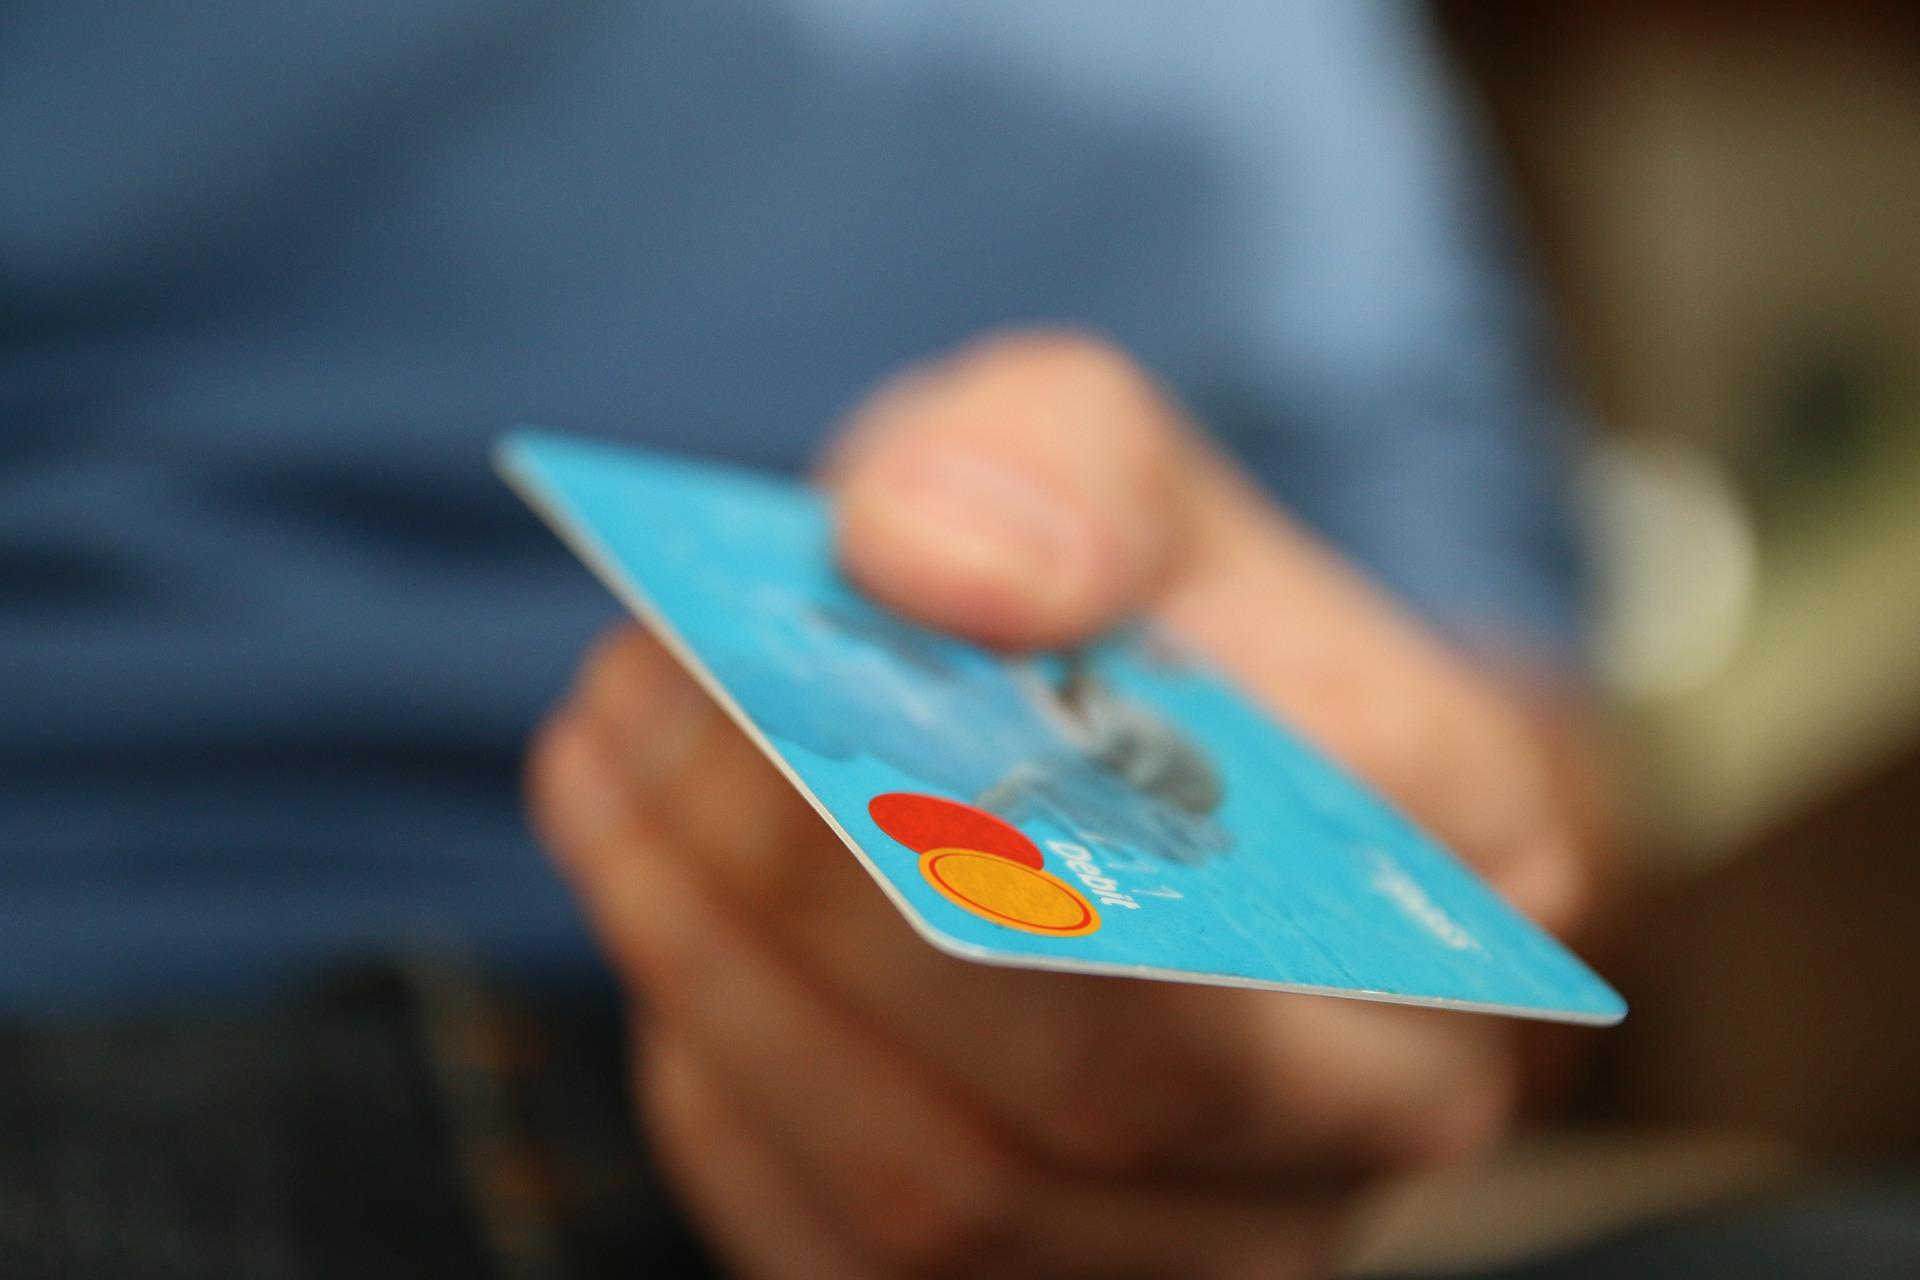 Разгневена жена плати 5000 долара бакшиш с кредитната карта на гаджето си